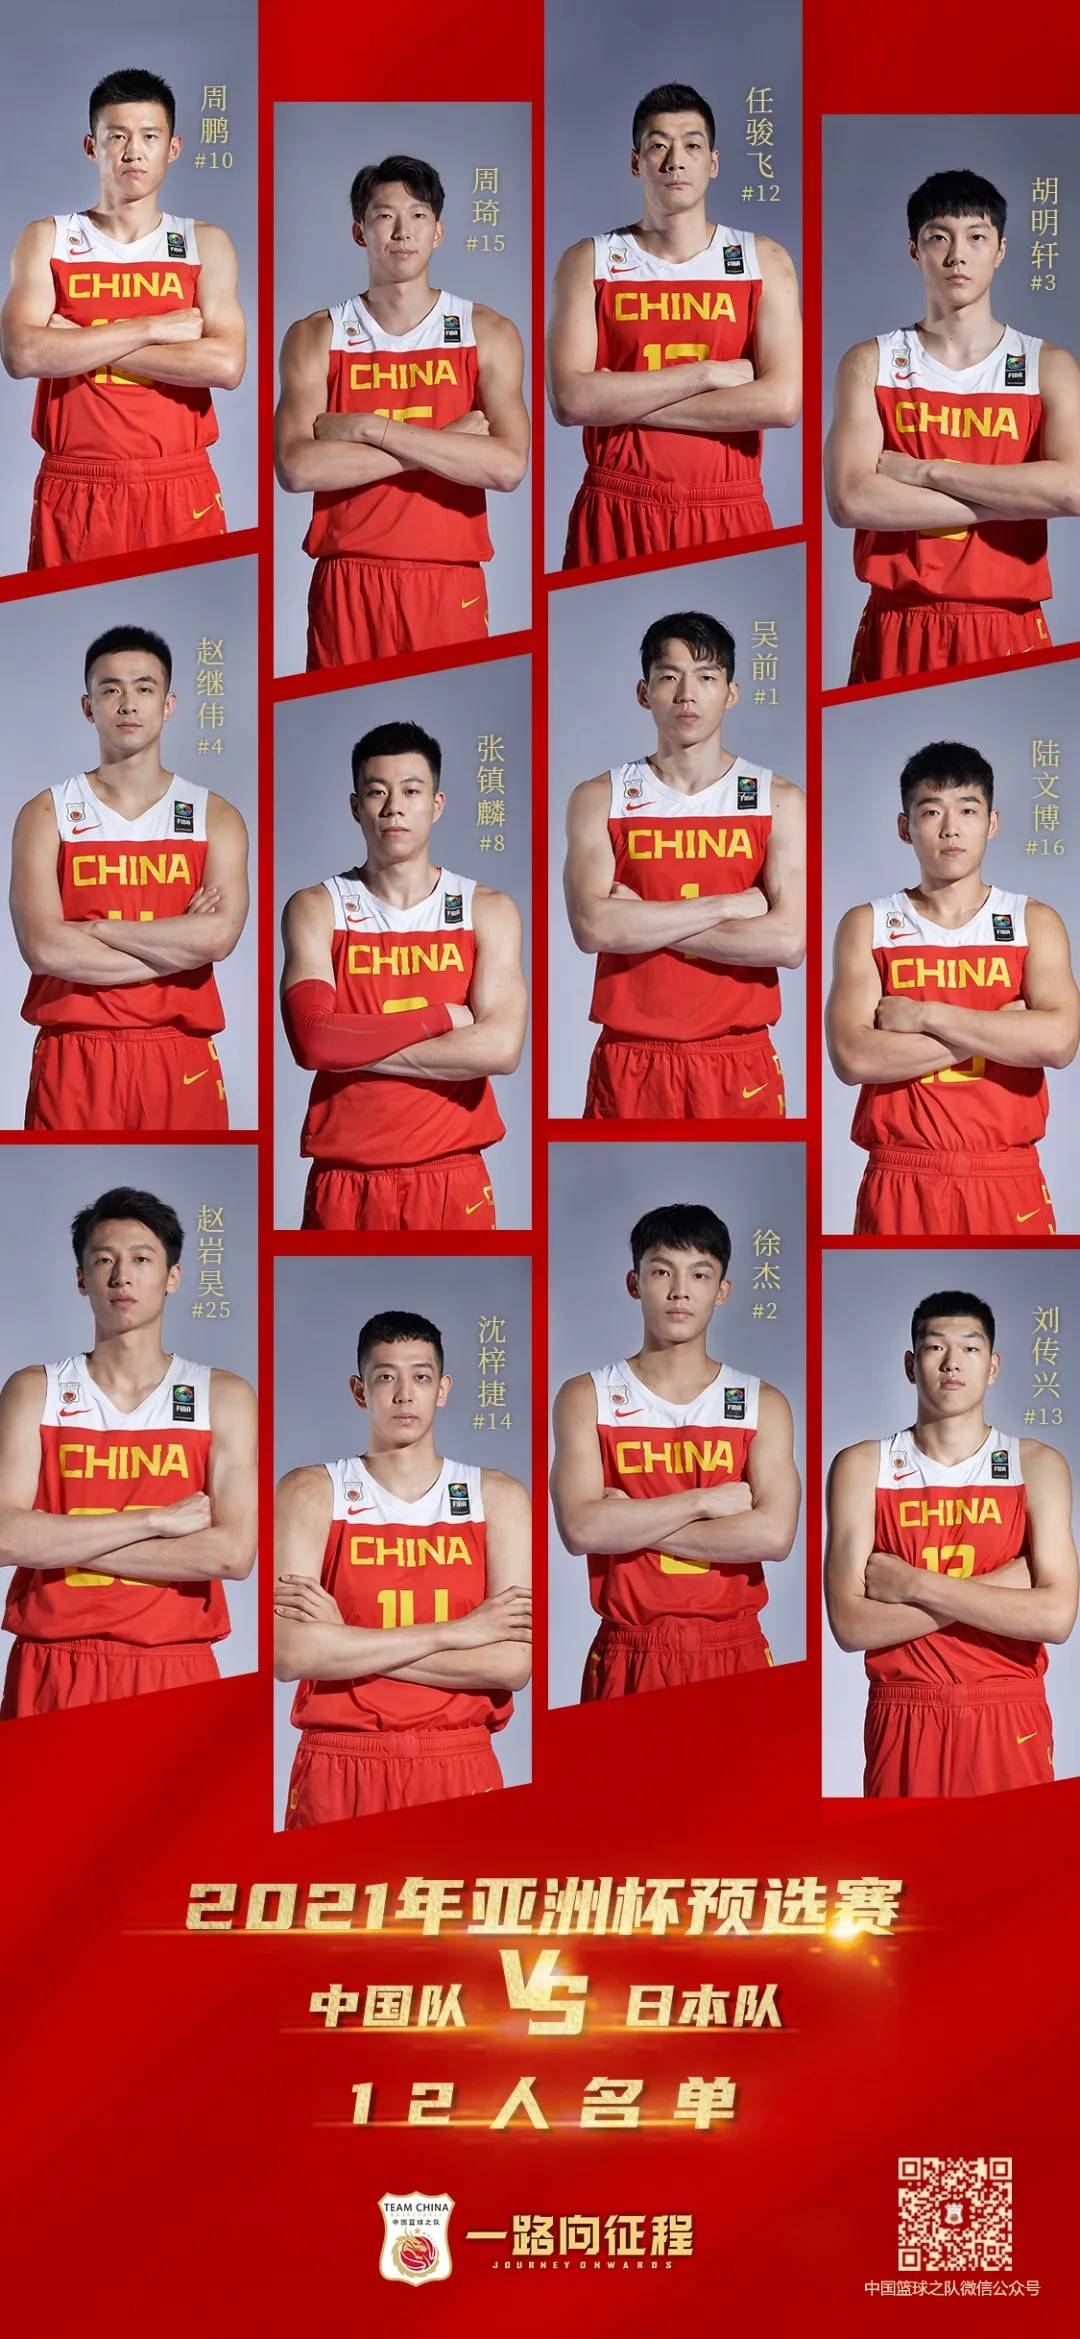 亚预赛中国男篮再战日本大名单公布 周琦回归